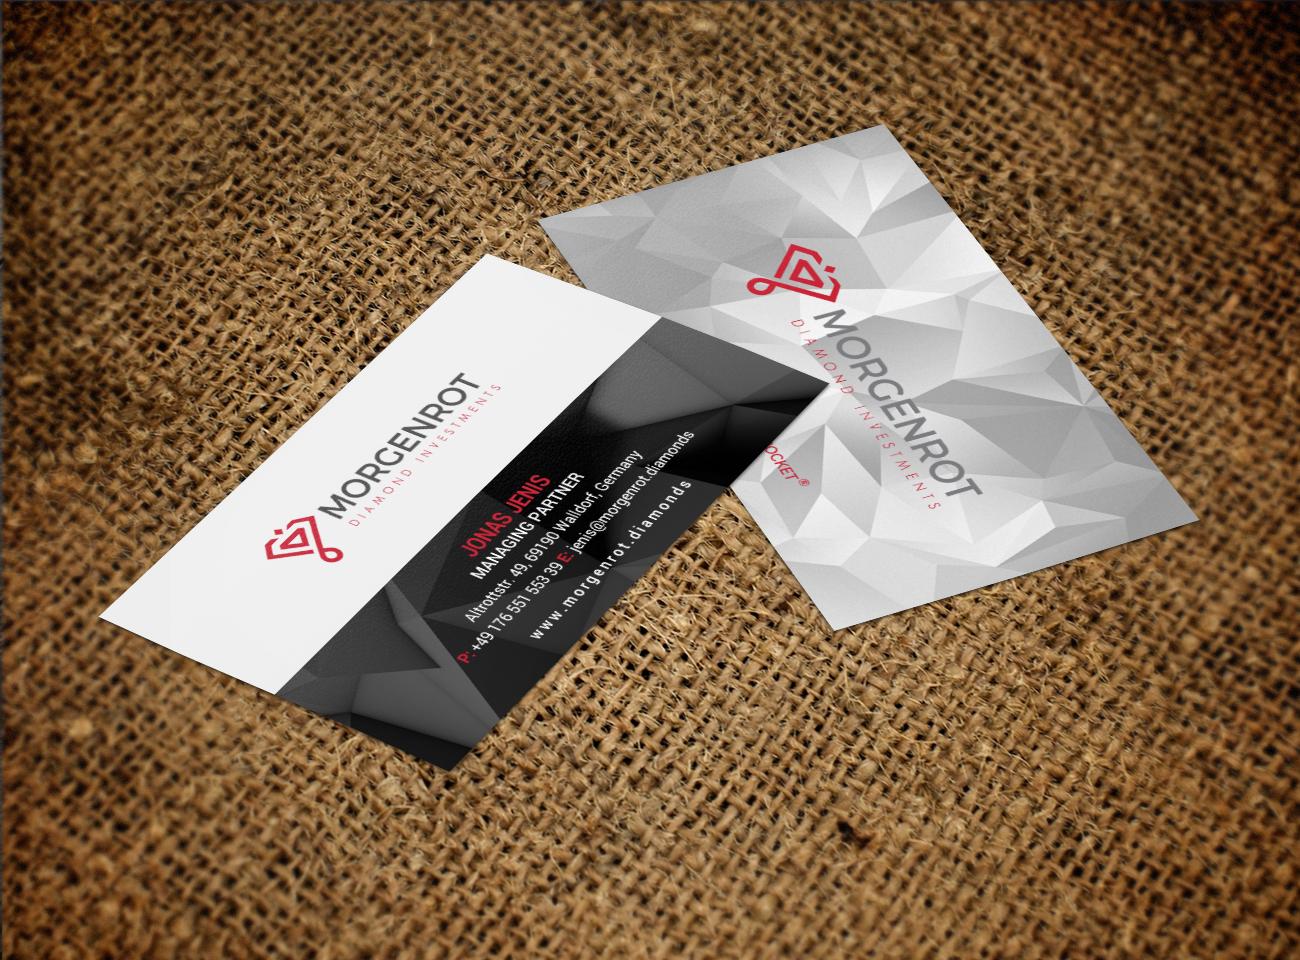 Elegant, Serious Business Card Design for MORGENROT Diamond ...